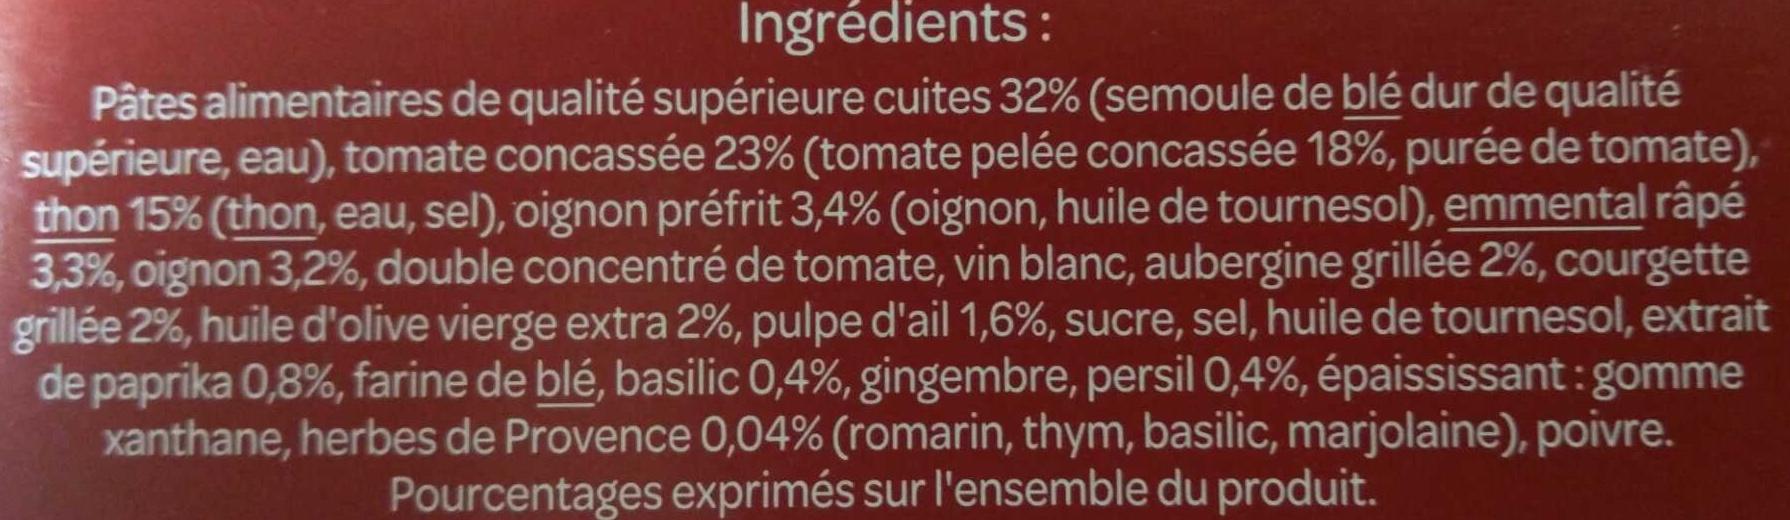 Gratin de macaroni aux légumes et au thon A l'emmental râpé - Ingredients